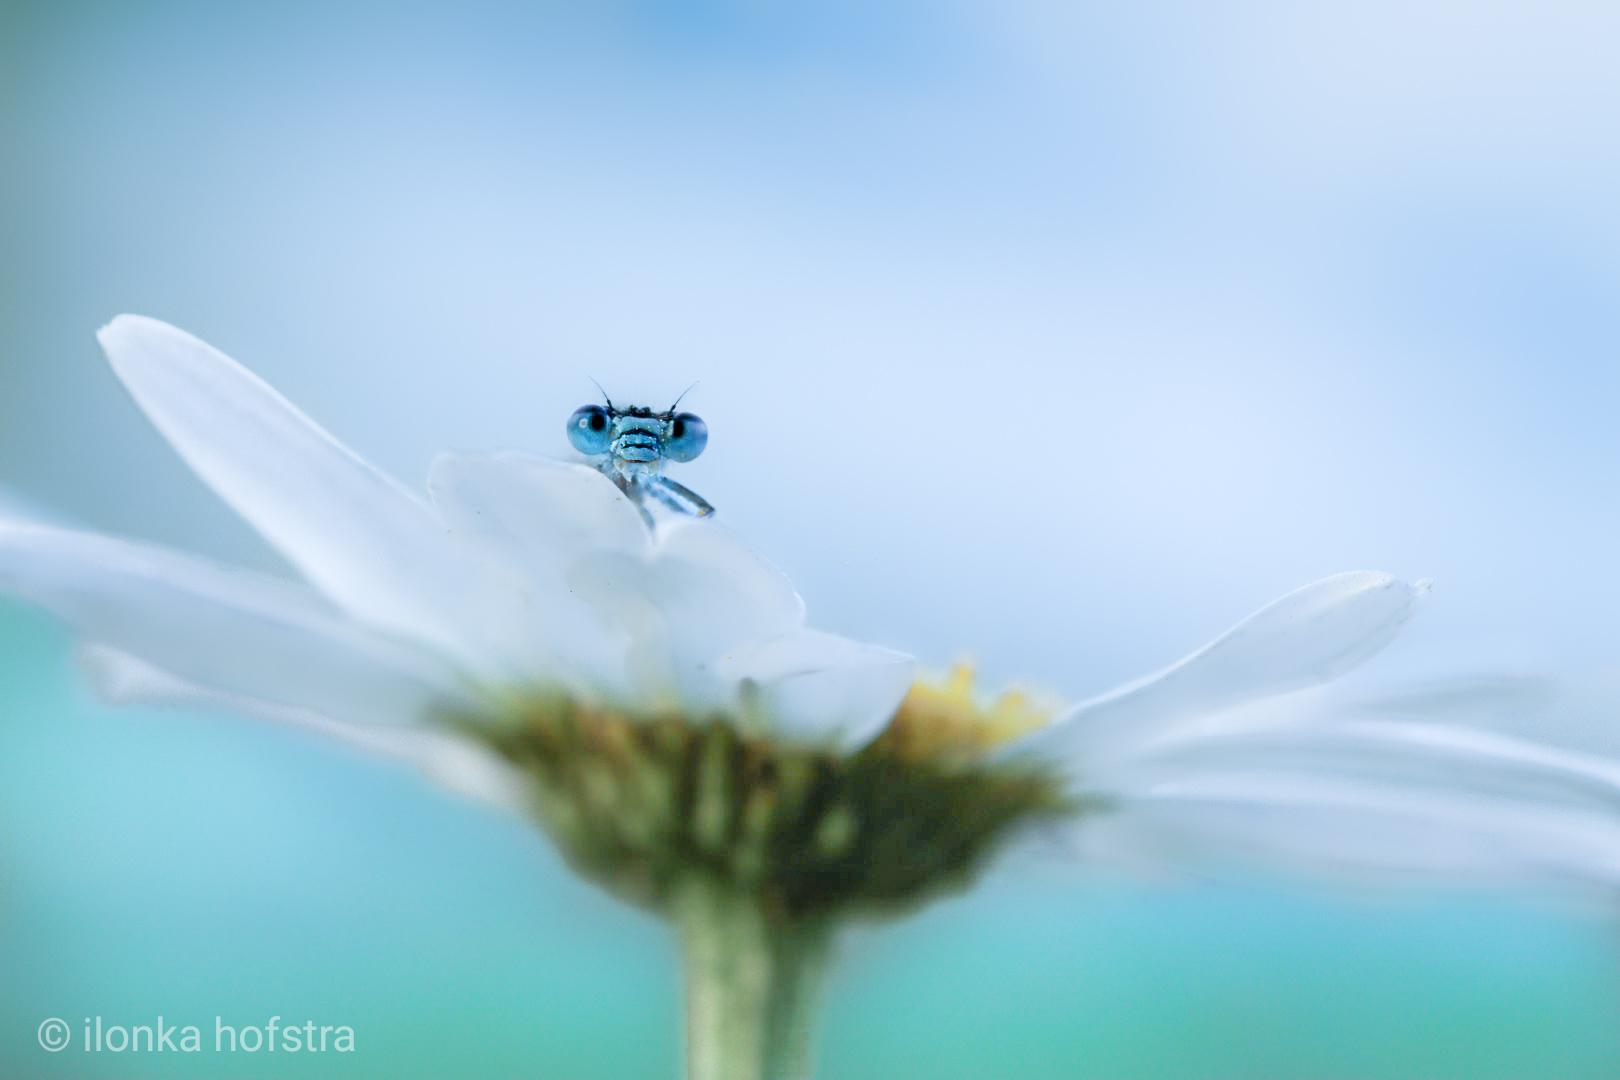 Insect op bloem winnende natuurfoto VVV Texel